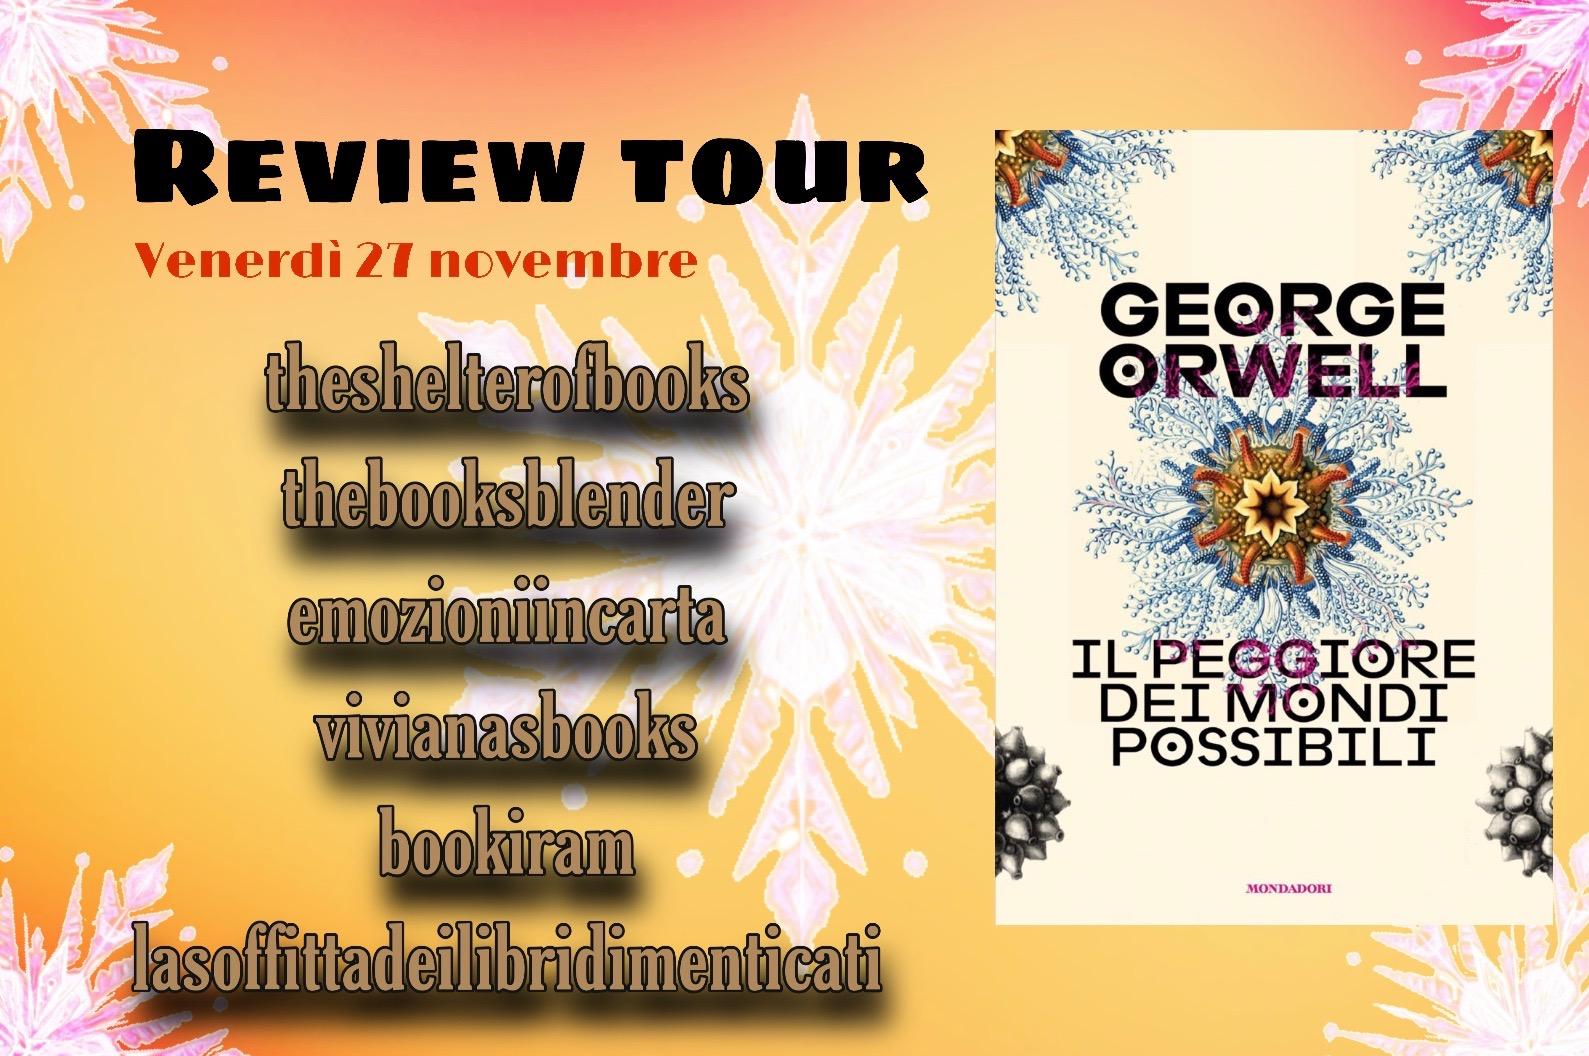 Review Tour: Il peggiore dei mondi possibili